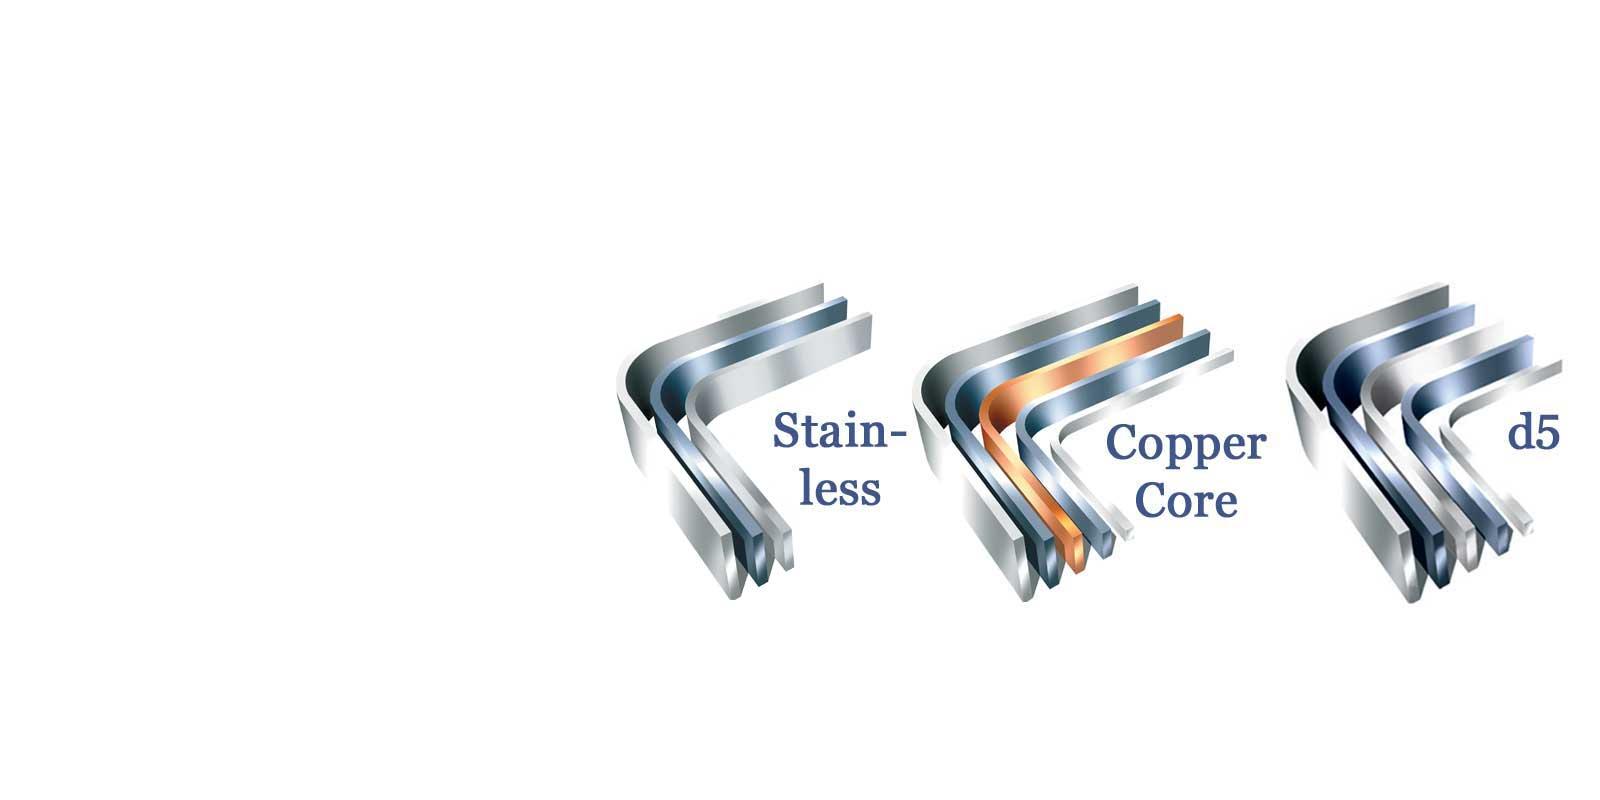 All-Clad Töpfe und Pfannen Die Töpfe und Pfannen dieses Herstellers zeichnen sich dadurch aus, dass die mehrschichtigen Legierungen von Edelstahl, Aluminium und Kupfer eine gleichmäsige Wärmeverteilung gewährleisten. Mit lebenslanger Garantie auf All-Clad Produkte.